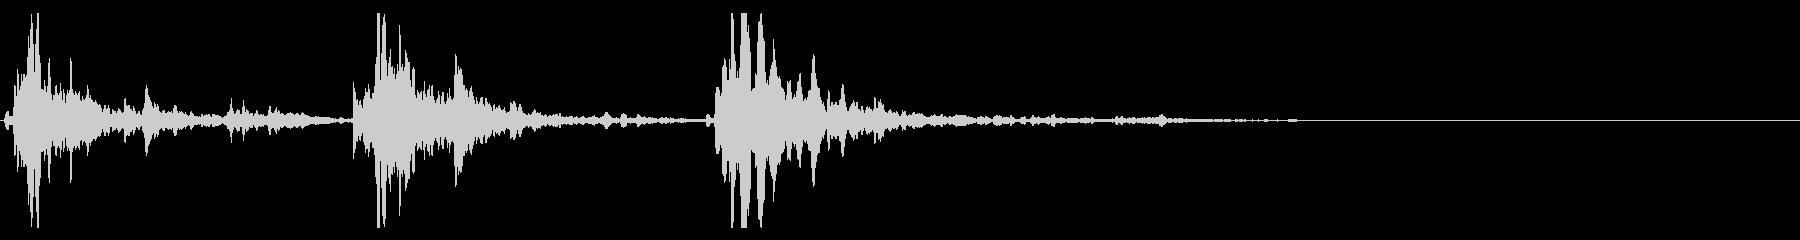 シャンシャンシャン(鈴の音・速め)の未再生の波形